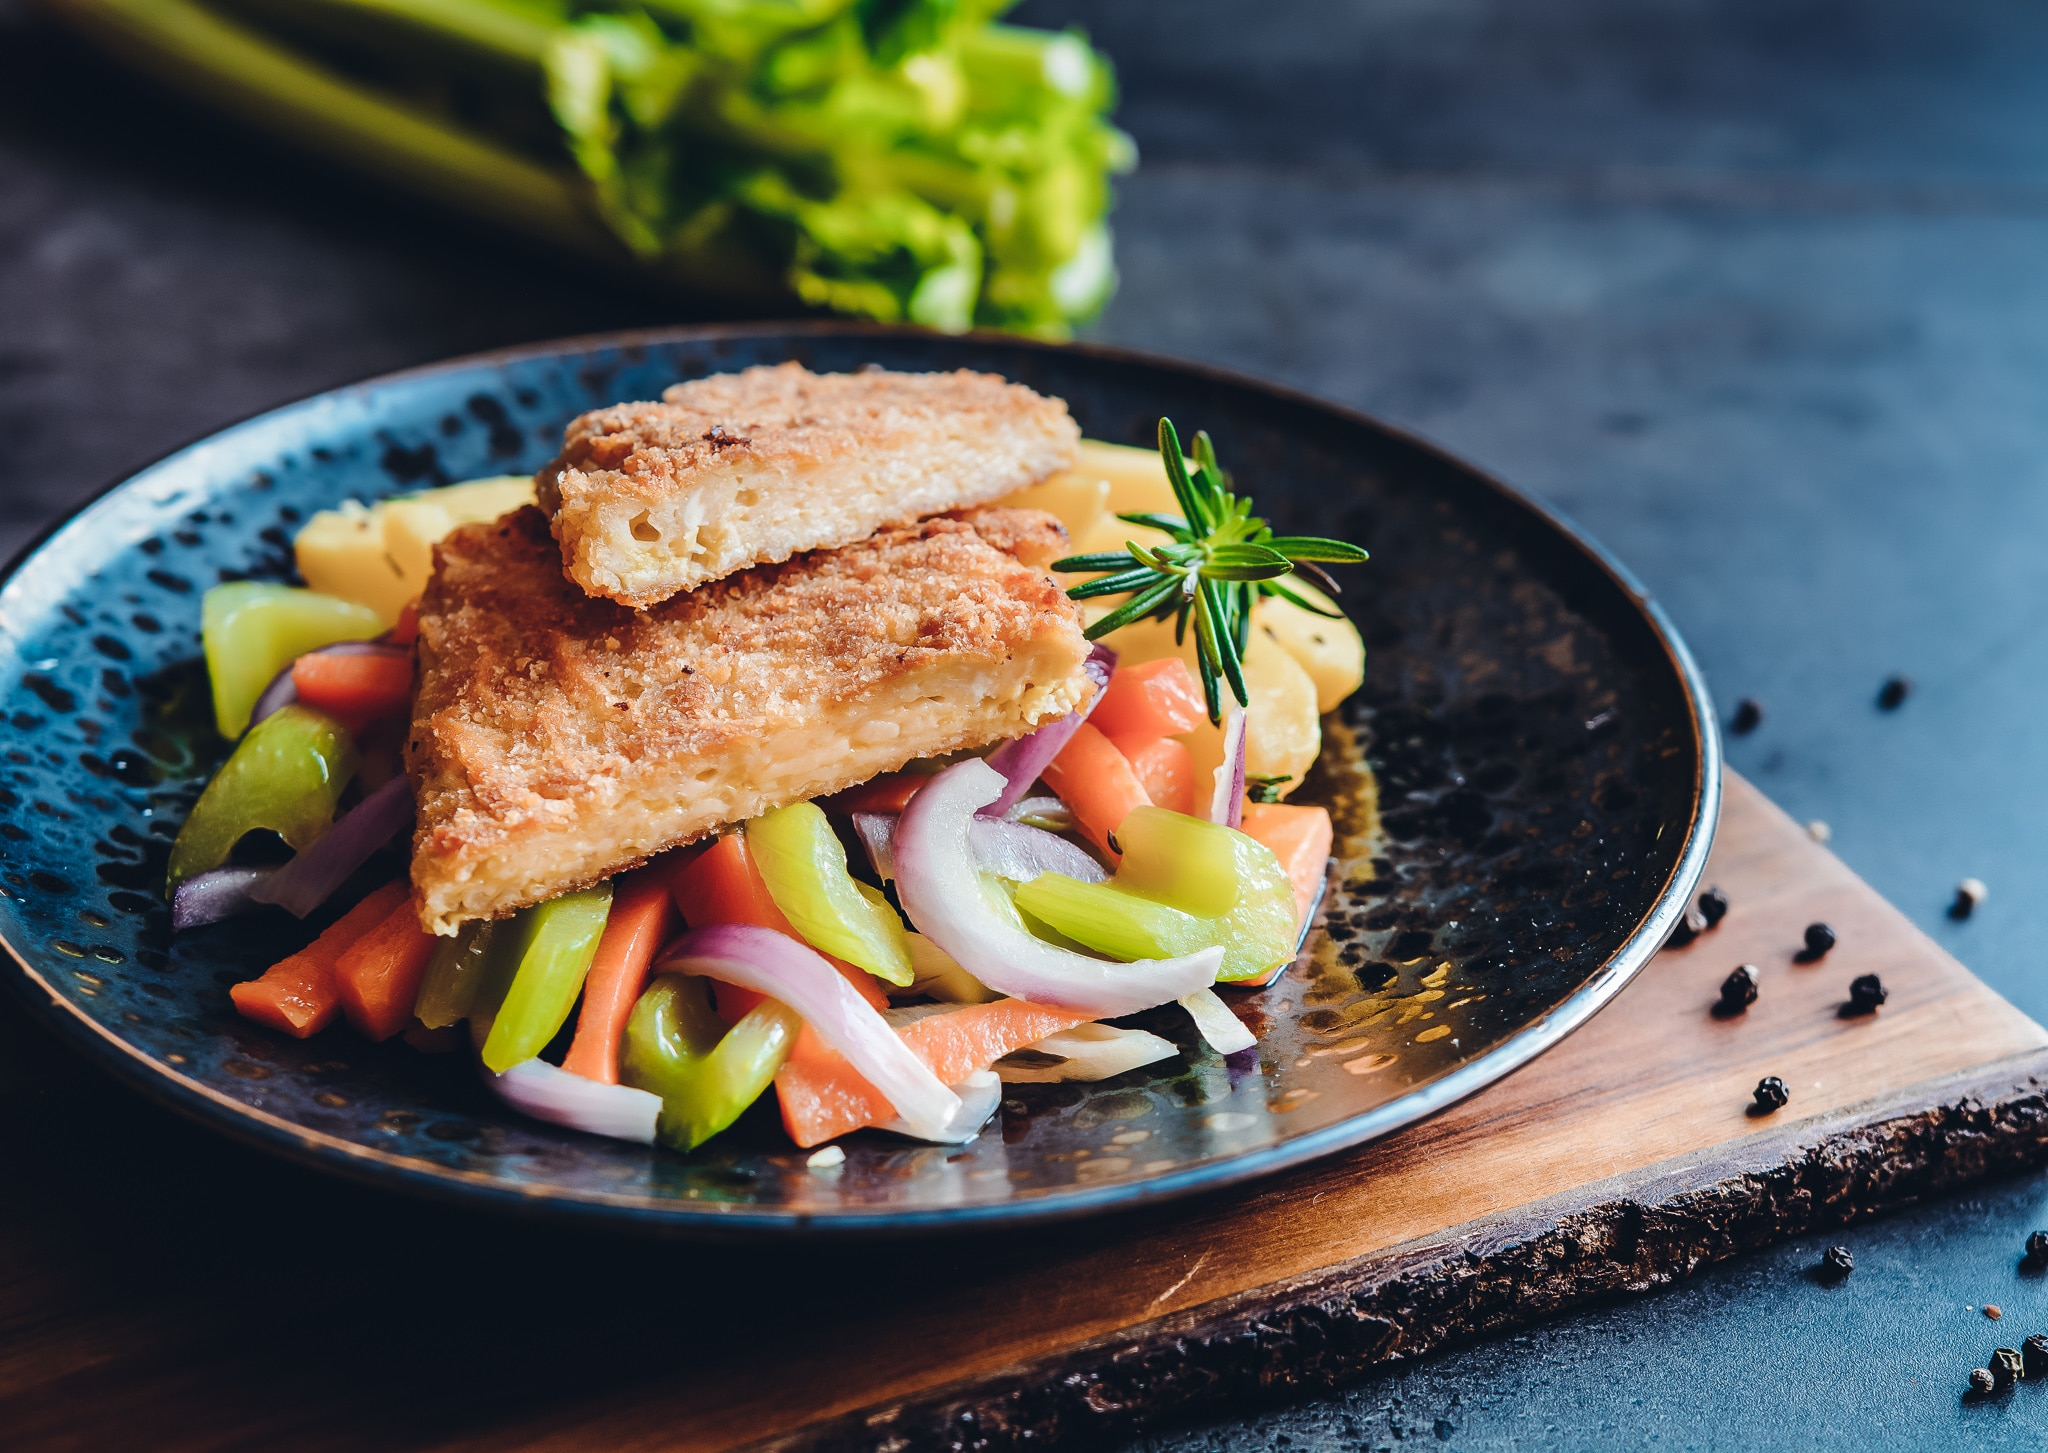 Fleischalternativen: dieses Bild zeigt ein vegetarisches Schnitzel